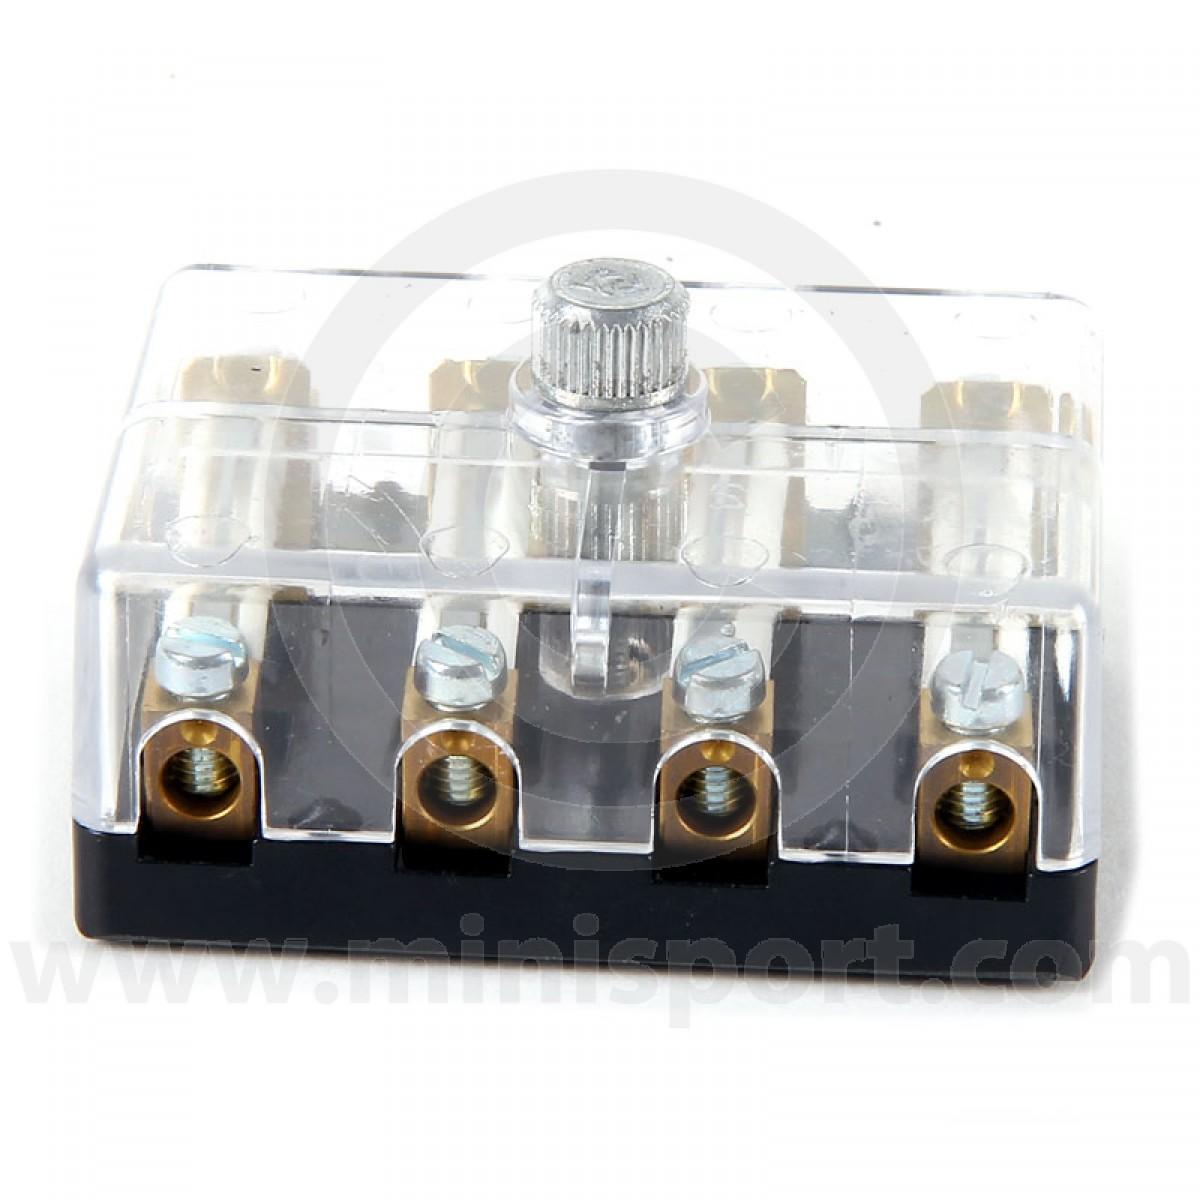 LMA711 - Mini 4-way - Fuse box   Mini Electrical   minisport ... on